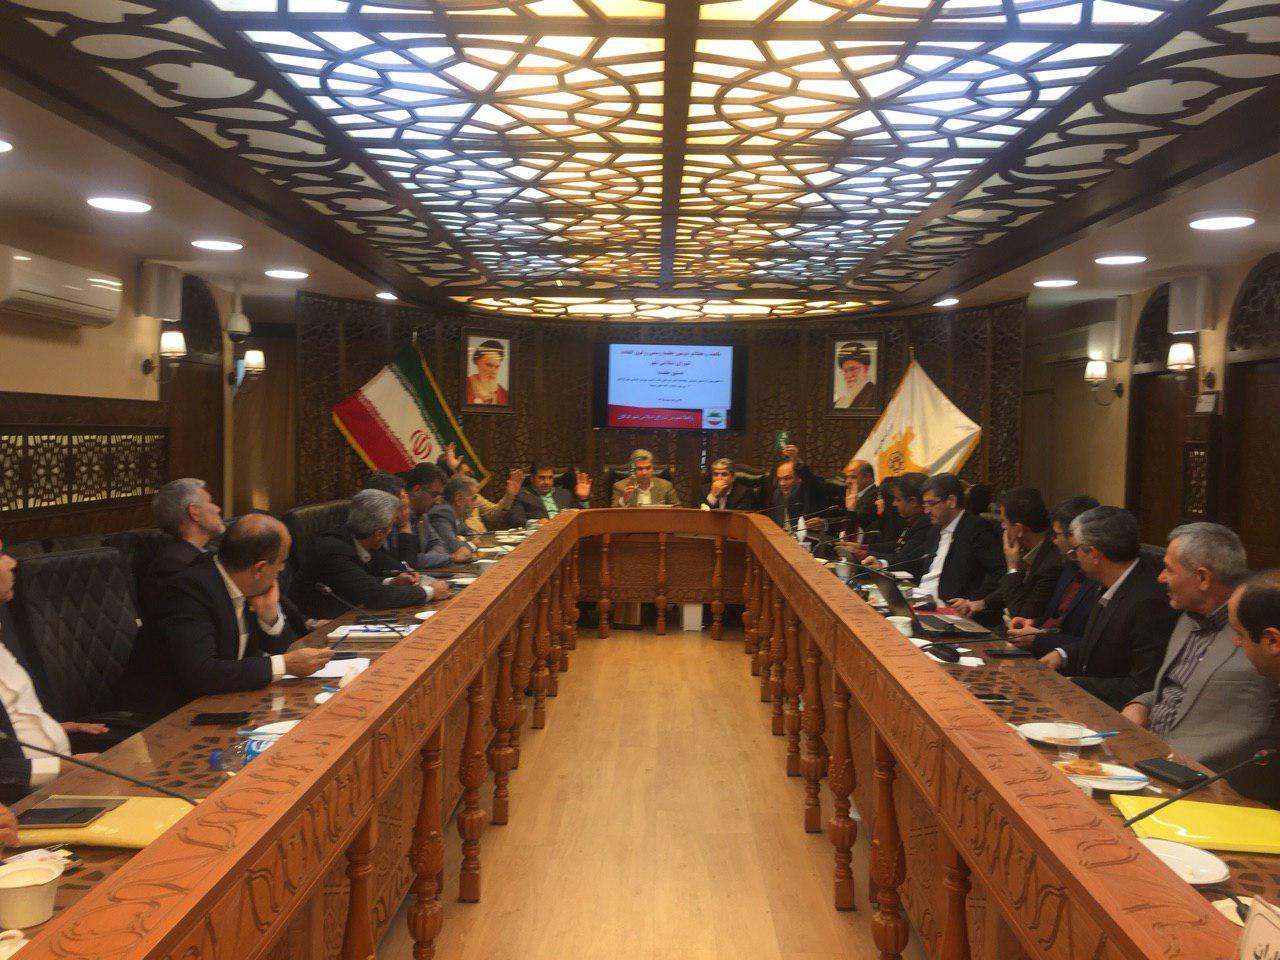 تعویق در پرداخت معوقات حقوق کارگران شهرداری دادِ اعضای شورای شهر گرگان را درآورد